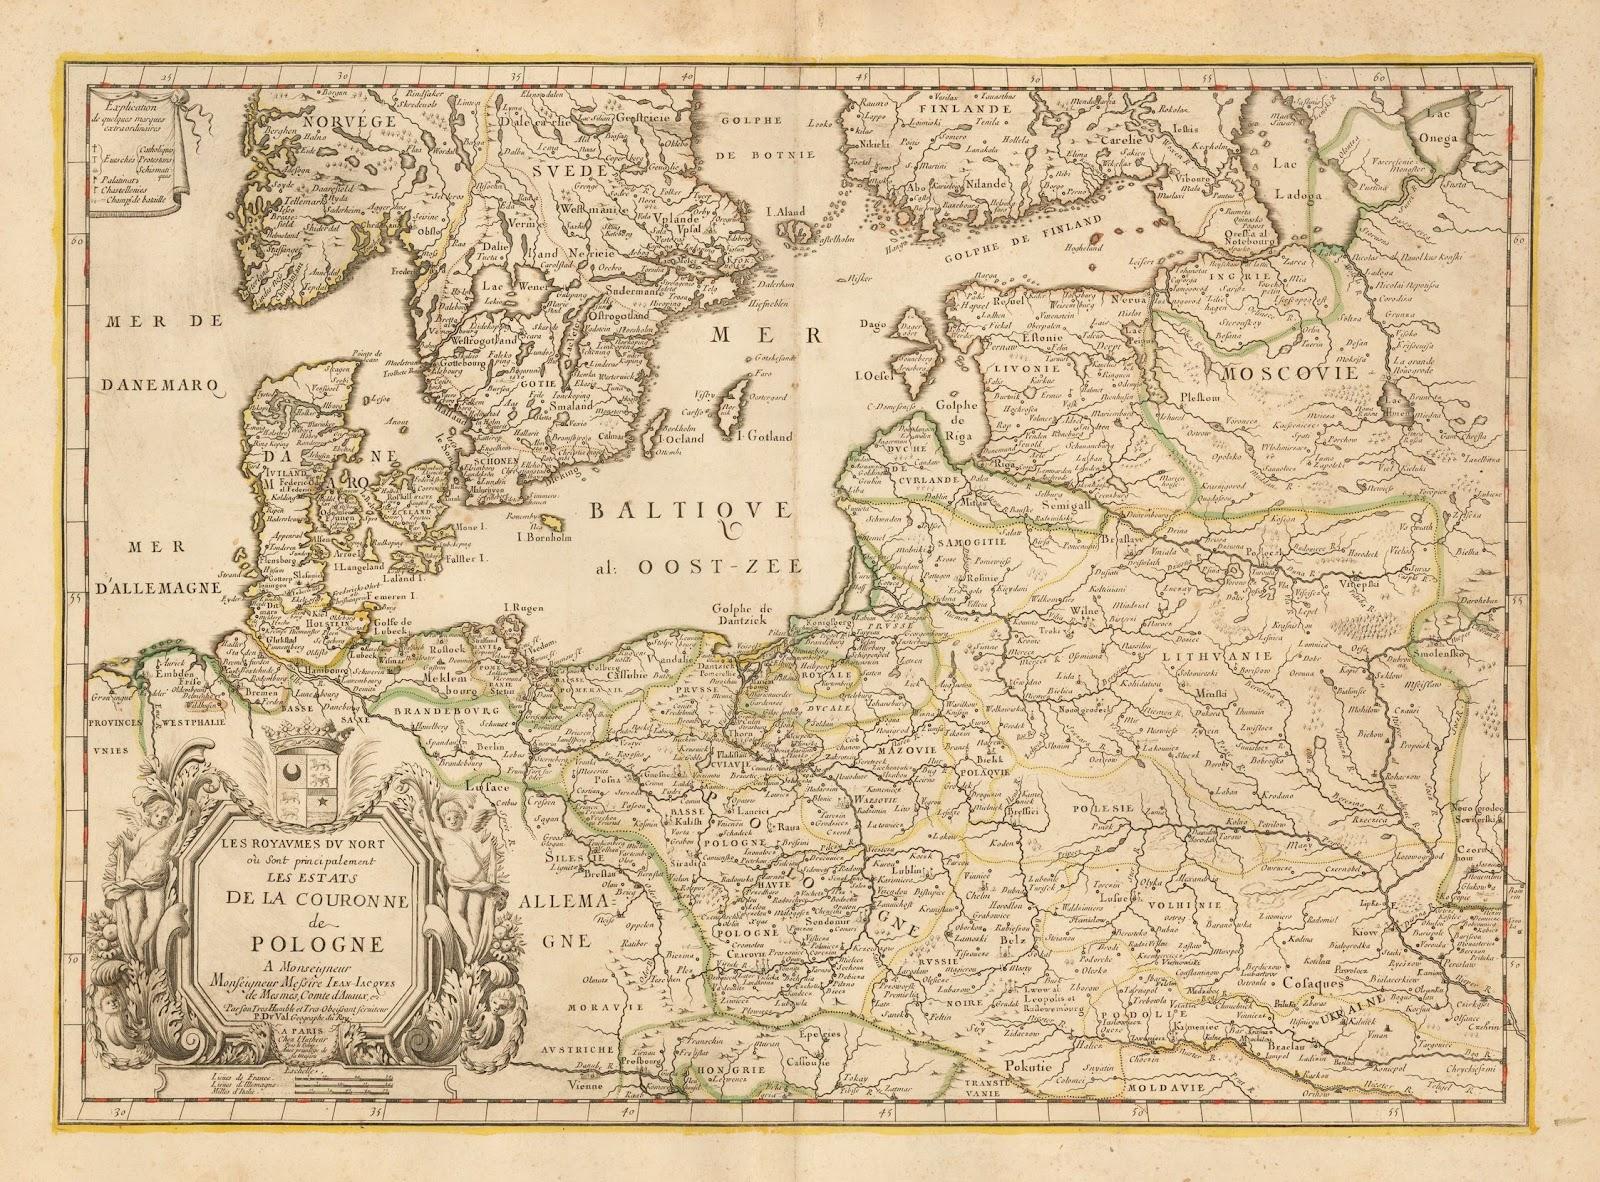 """1666 Pierre Duval: """"LES ROYAUMES DU NORT ou Sont principalement LES ETATS DE LA COURONNE de POLOGNE,"""" Paris, 15.7 x 21.9 inches"""